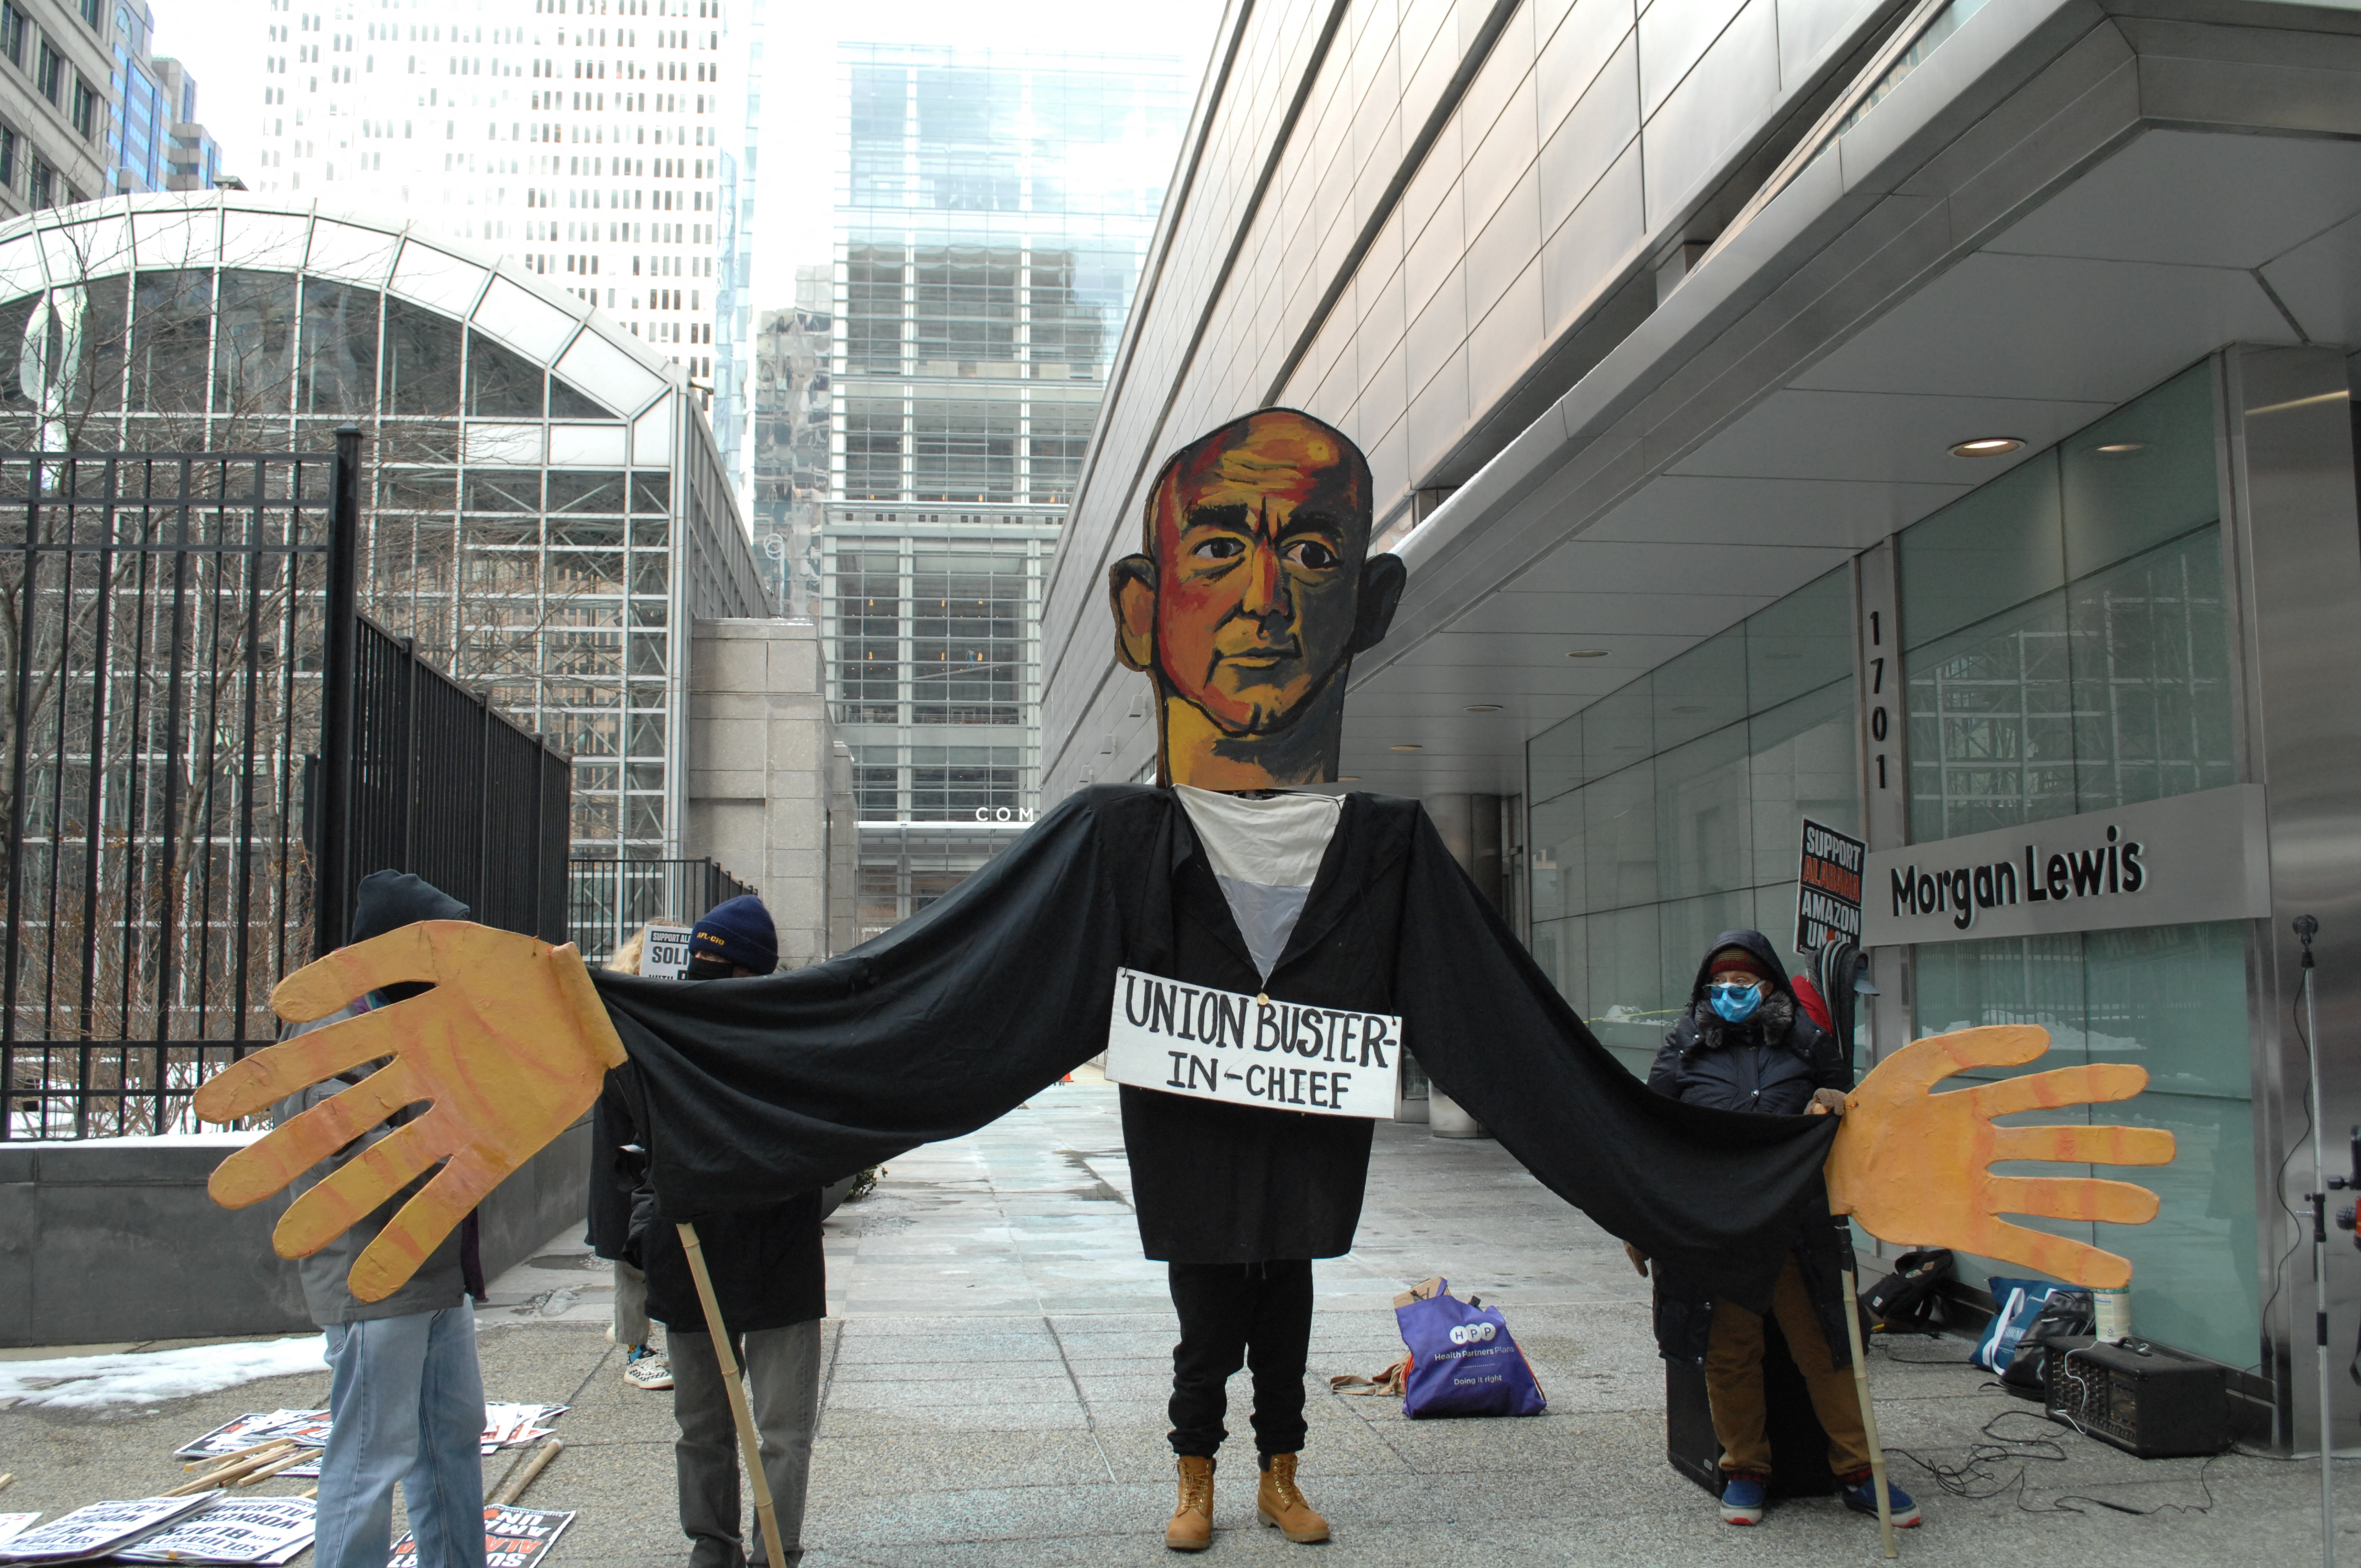 Az Amazon és a szakszervezeti mozgalom jövője is eldőlhet egy alabamai raktárban